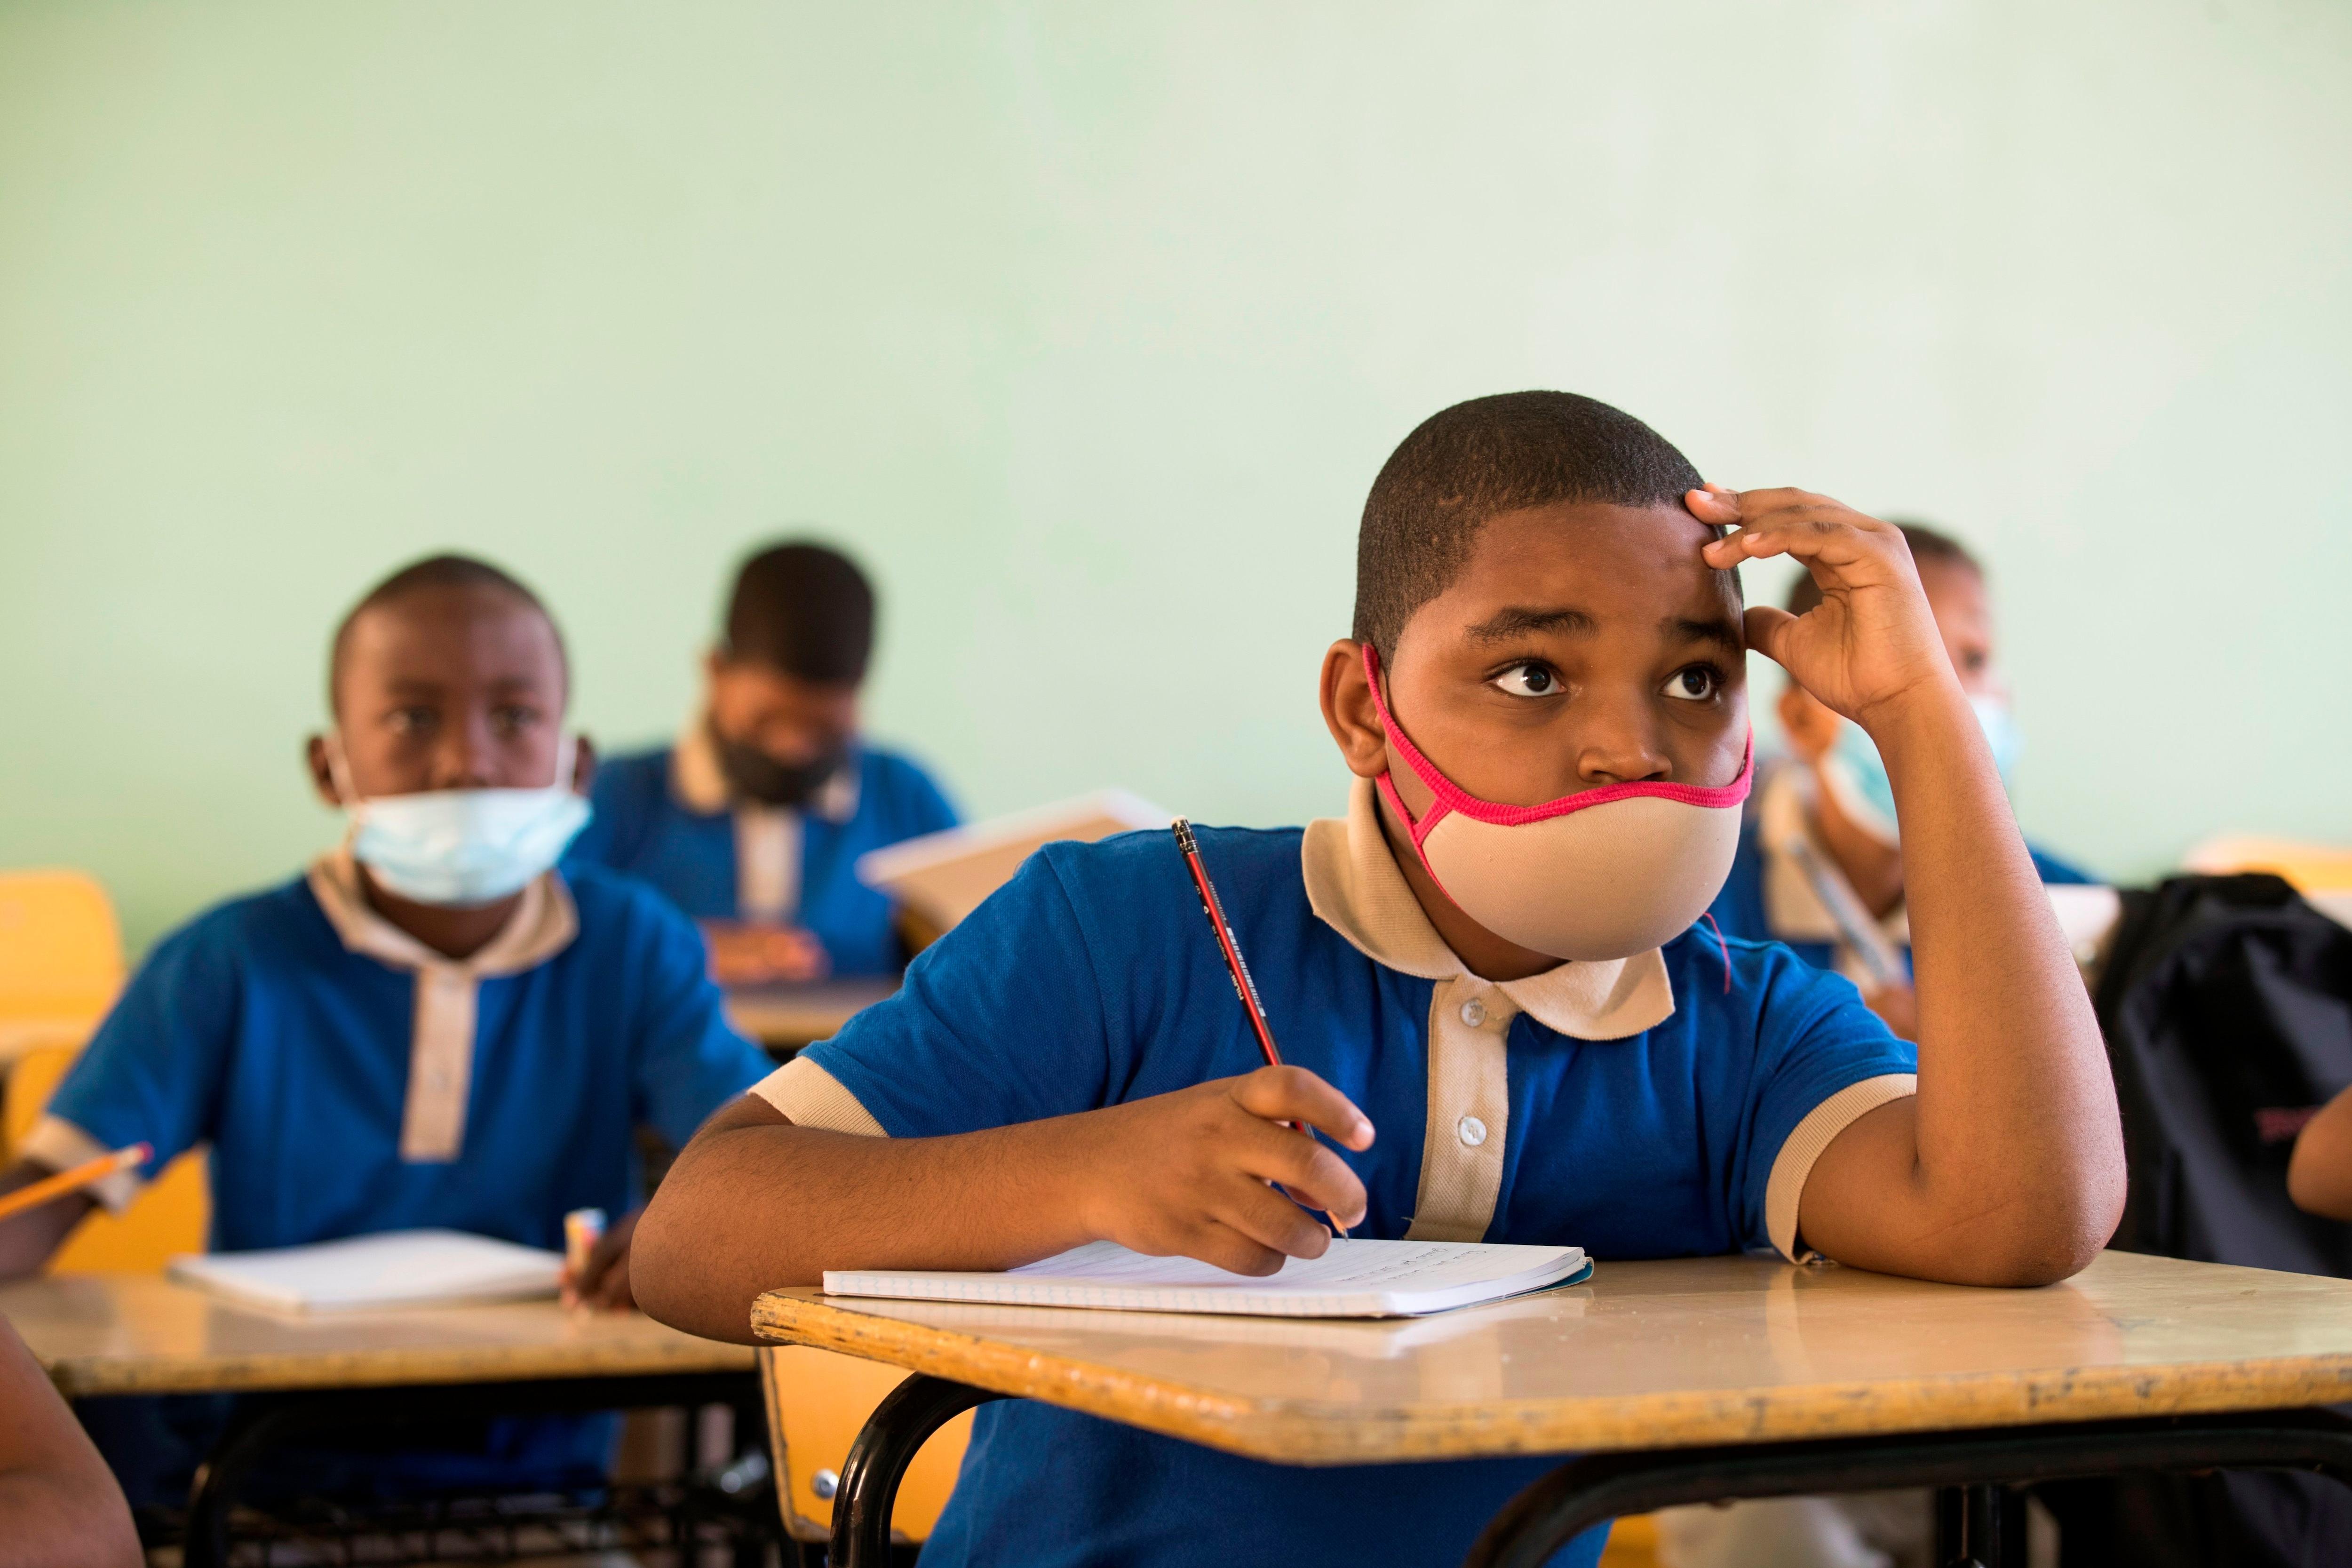 Estudiantes asisten hoy al primer día de clases presenciales en una escuela pública de Santo Domingo (República Dominicana). EFE/Orlando Barría